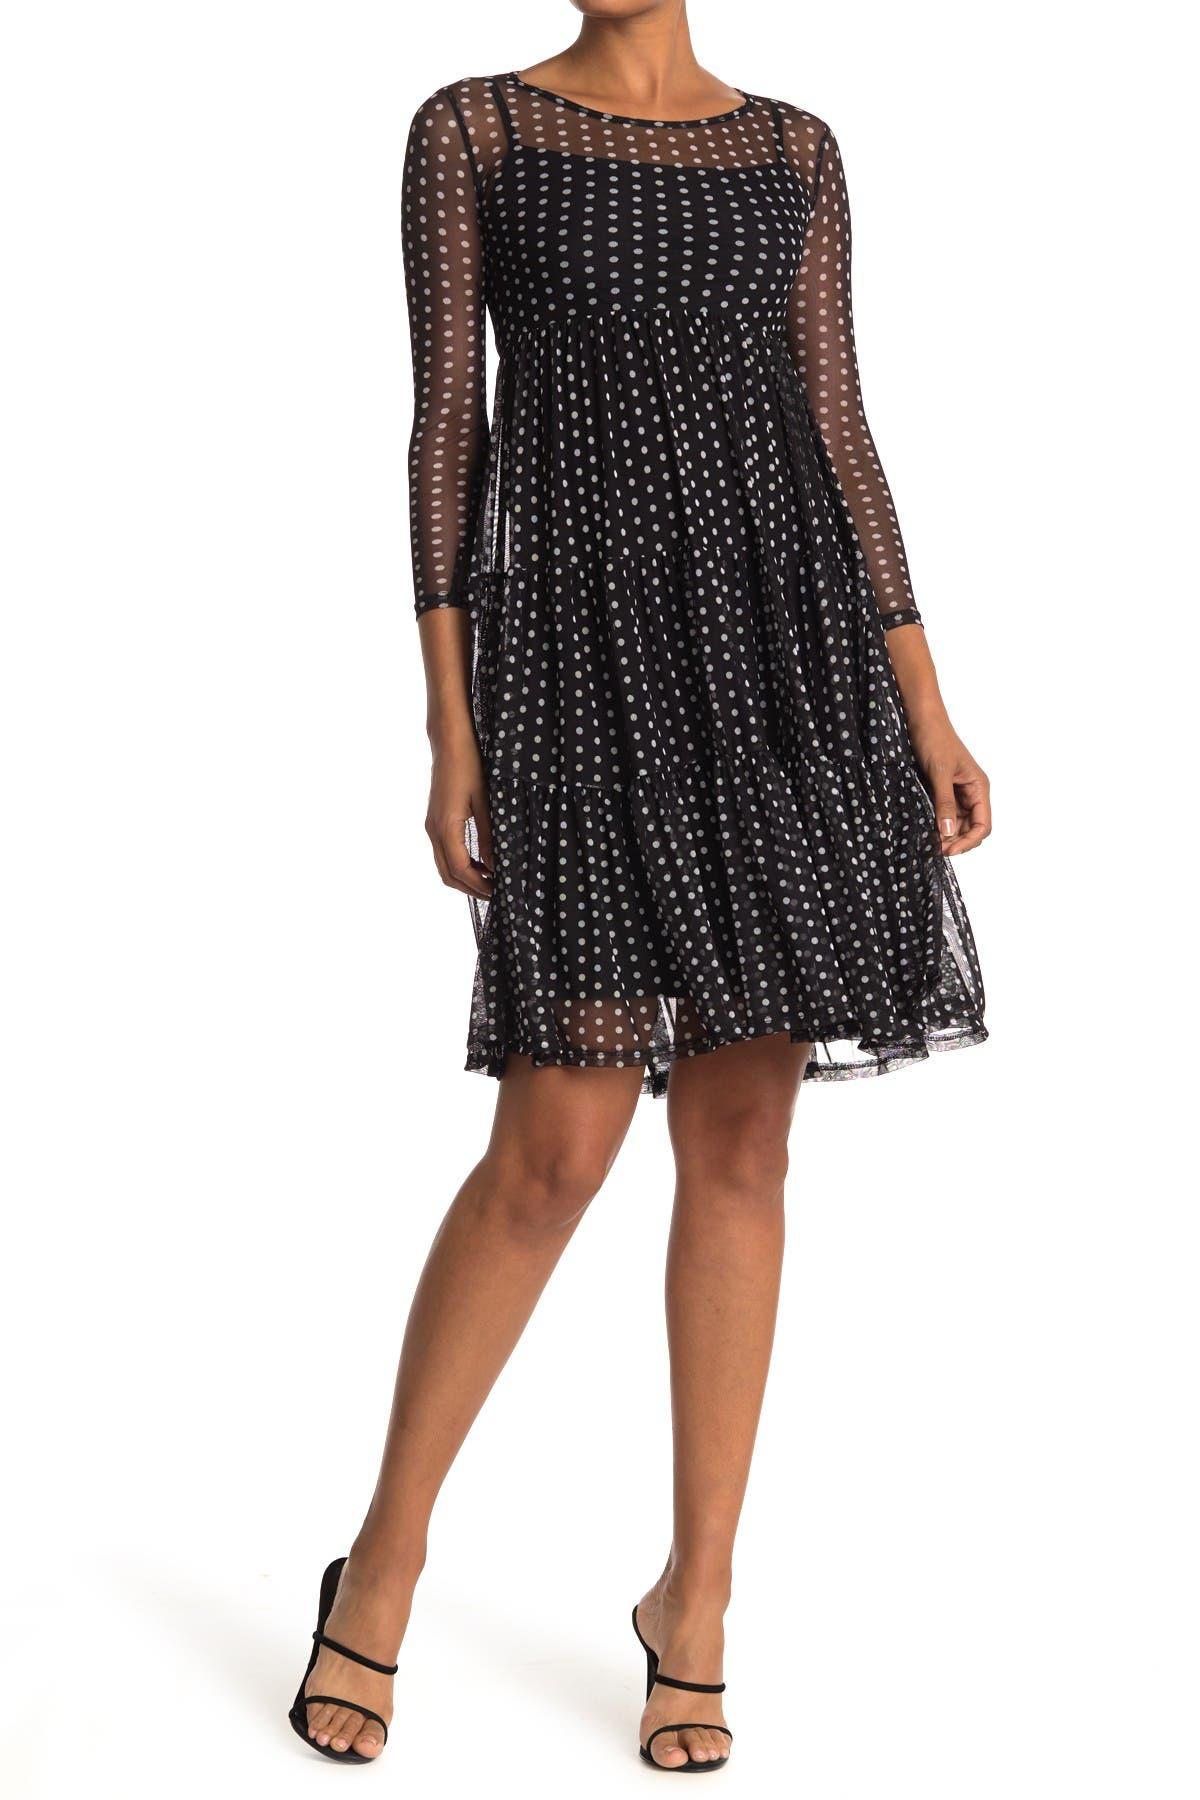 Image of Velvet Torch Tiered Mesh Knee Length Dress